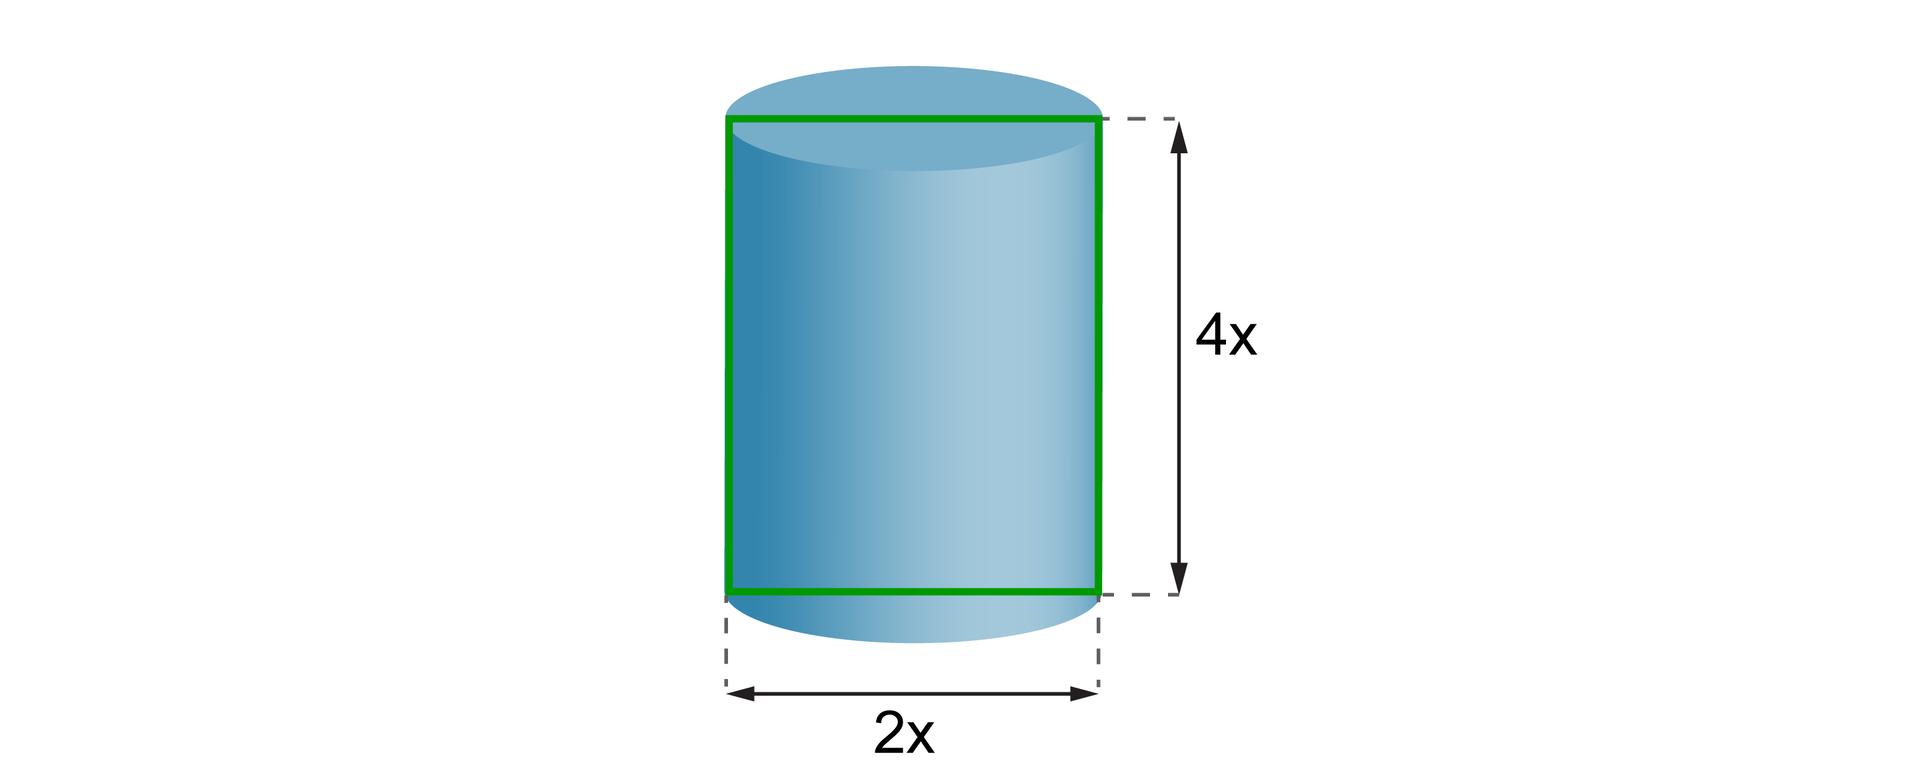 Rysunek walca owysokości równej 4x iśrednicy podstawy 2x.